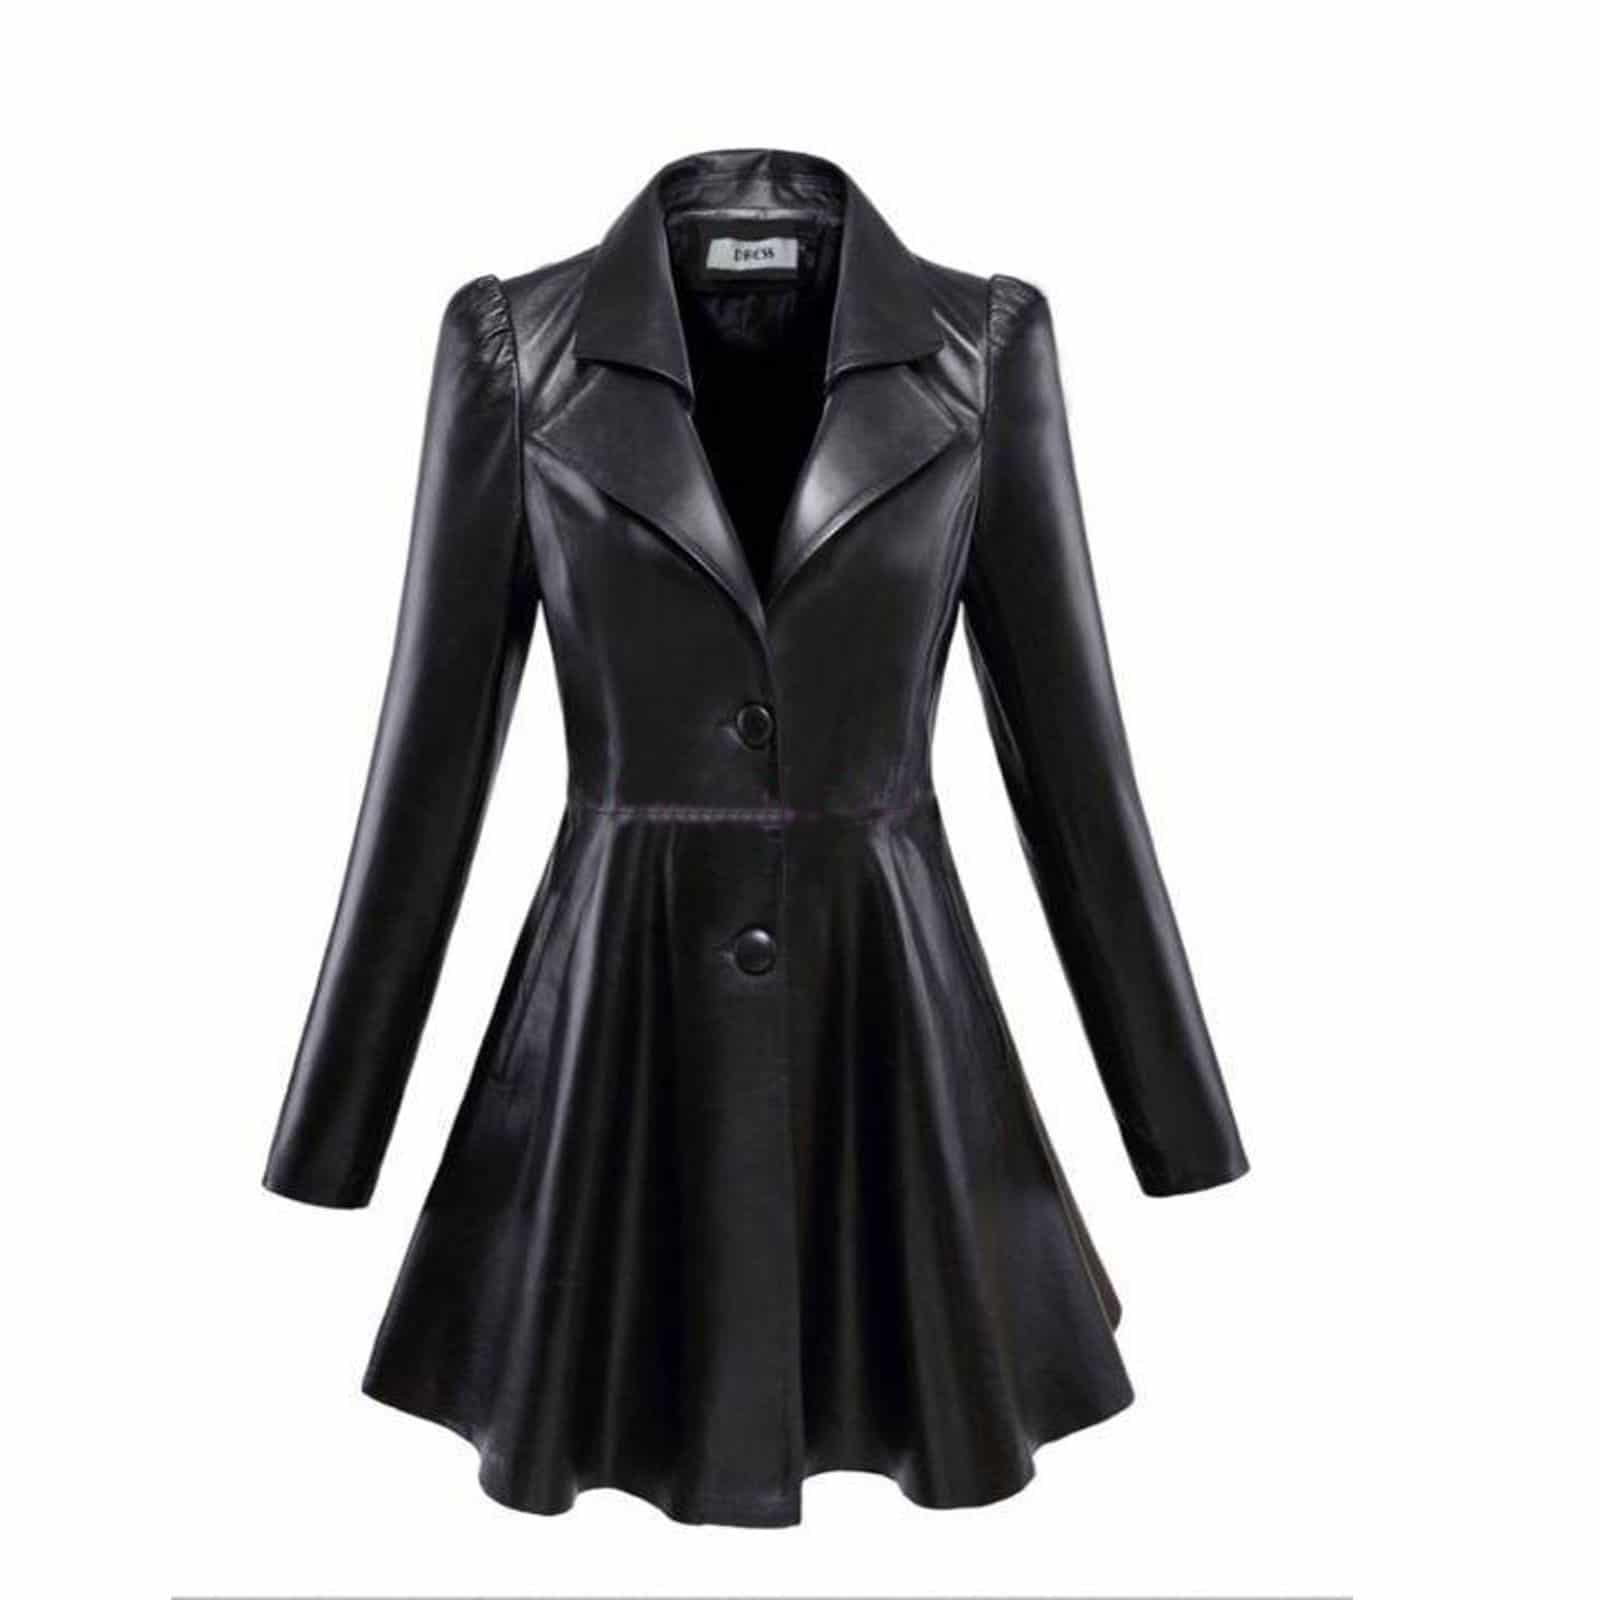 Womens long leather coats